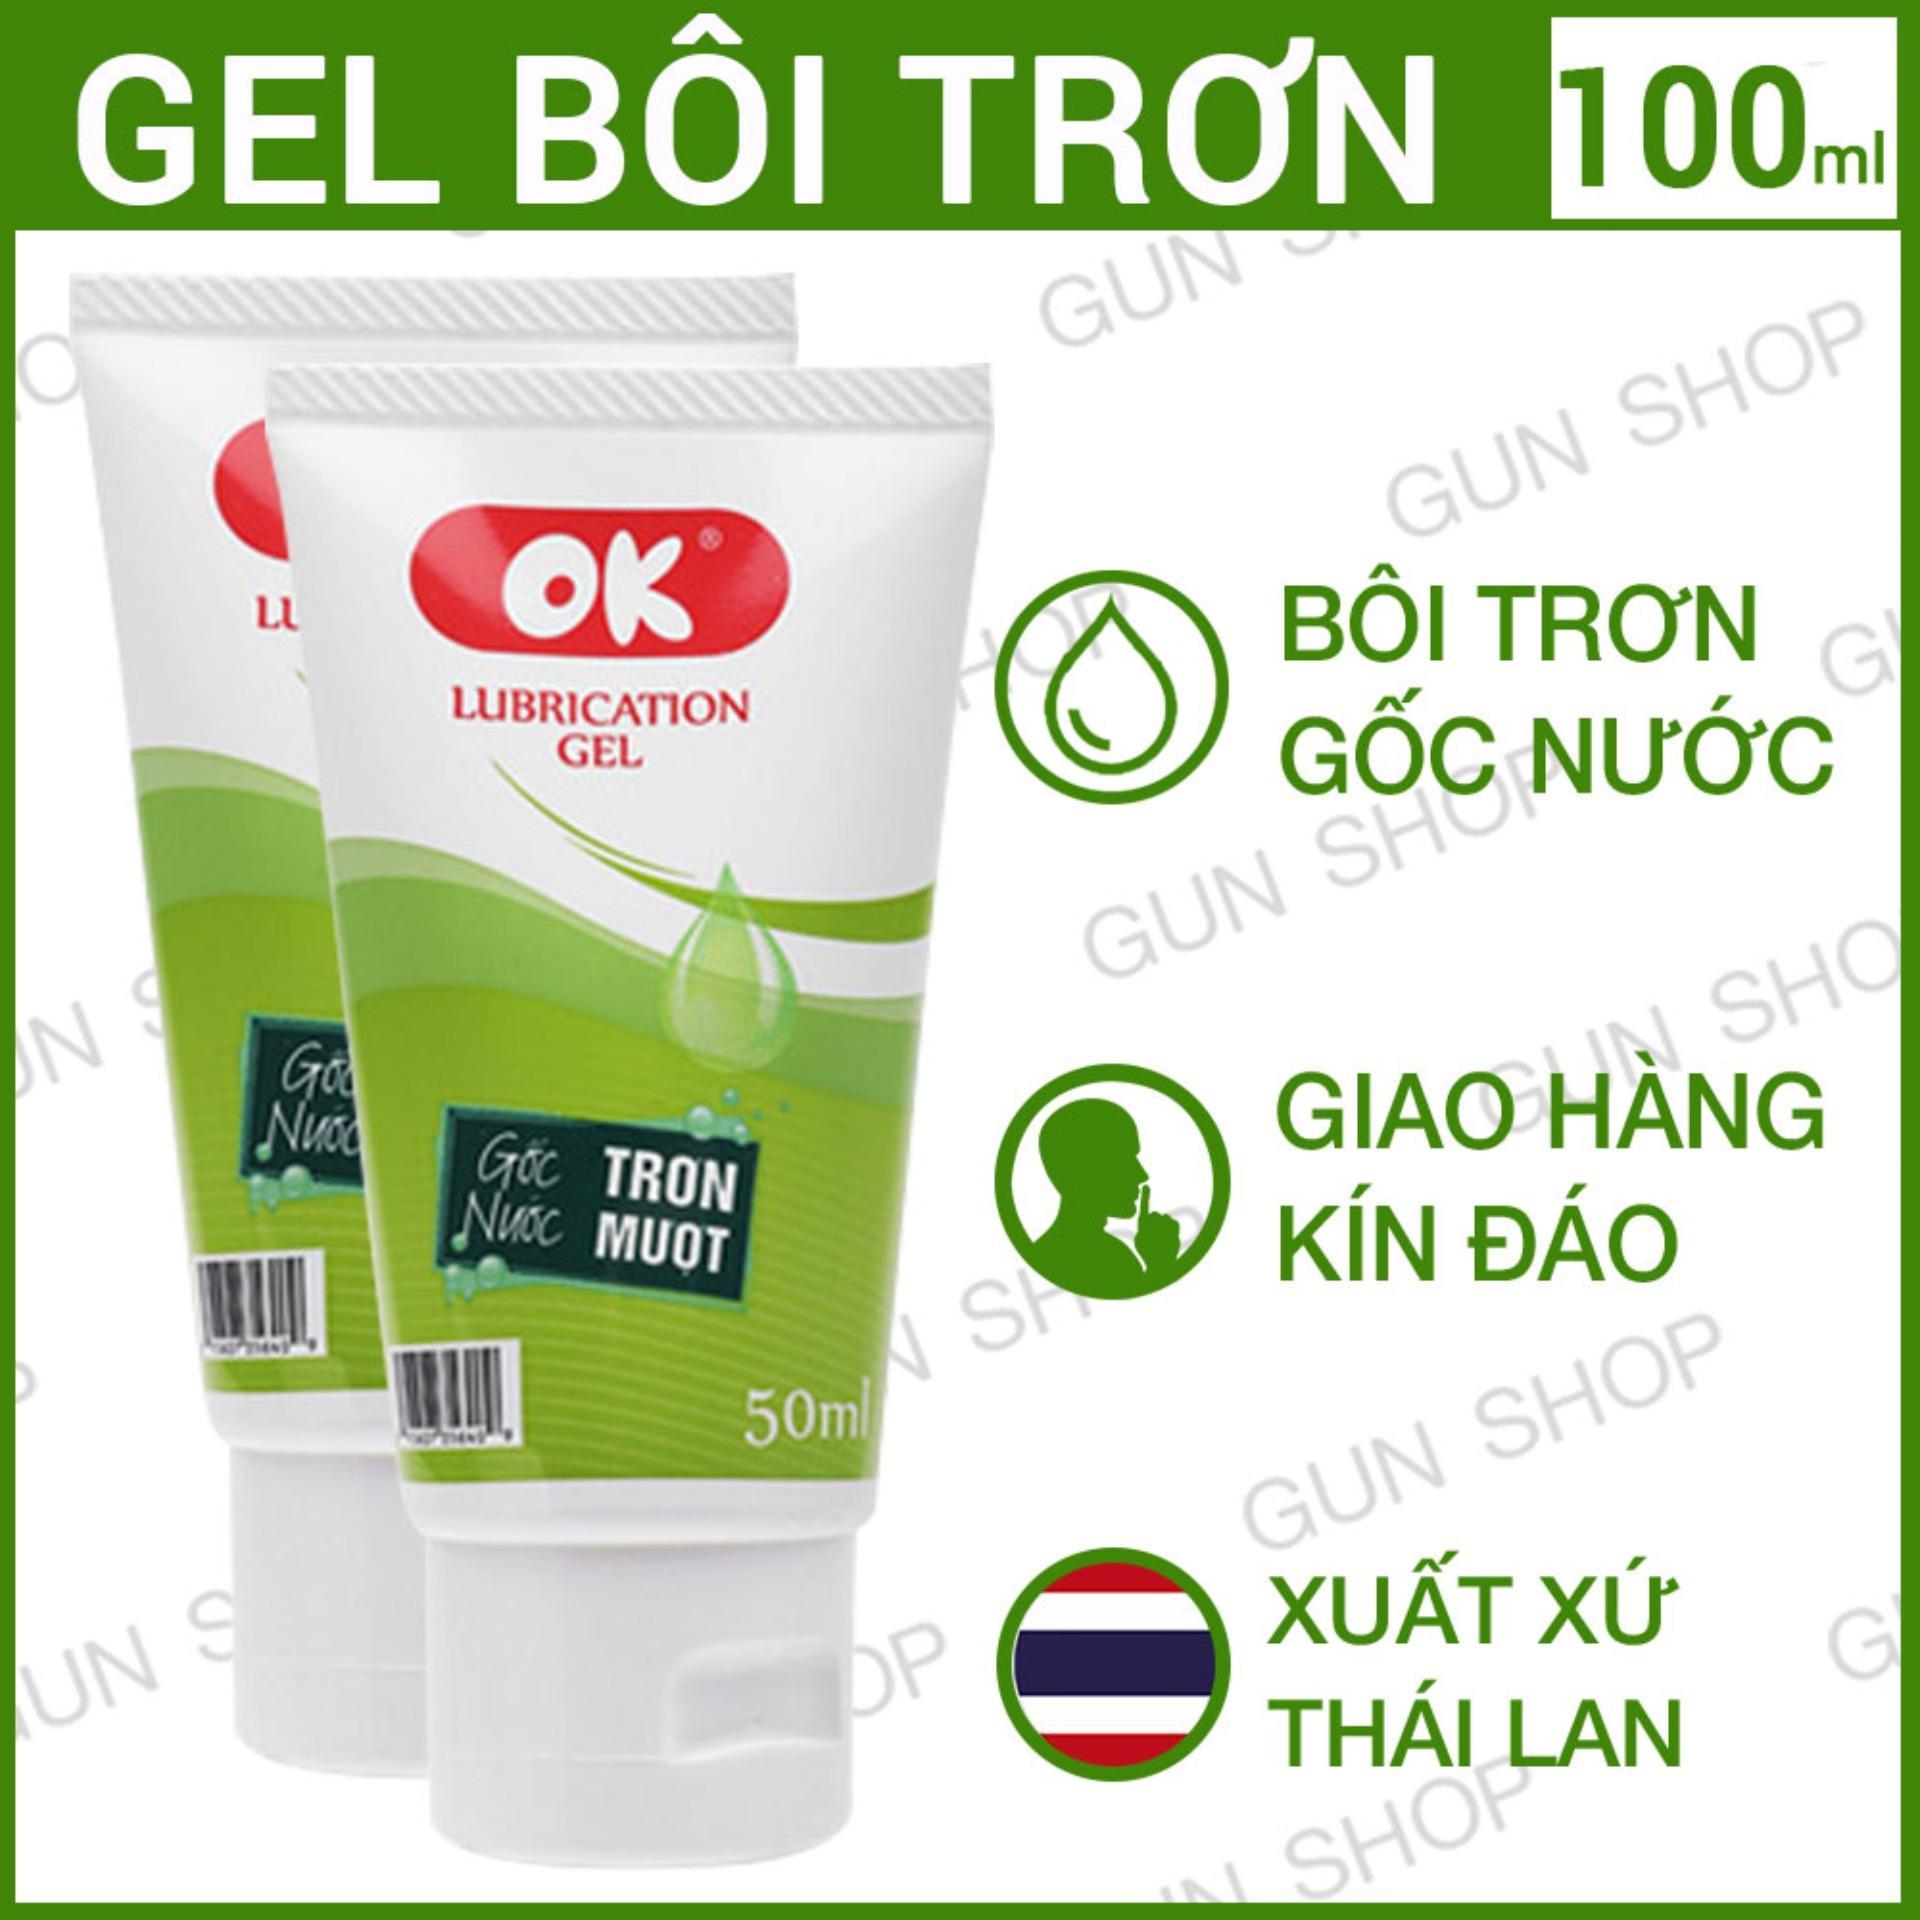 [100ml]  Bộ 2 Gel Thái Lan Ok - Bôi Trơn Gốc Nước  - GUNSHOP nhập khẩu